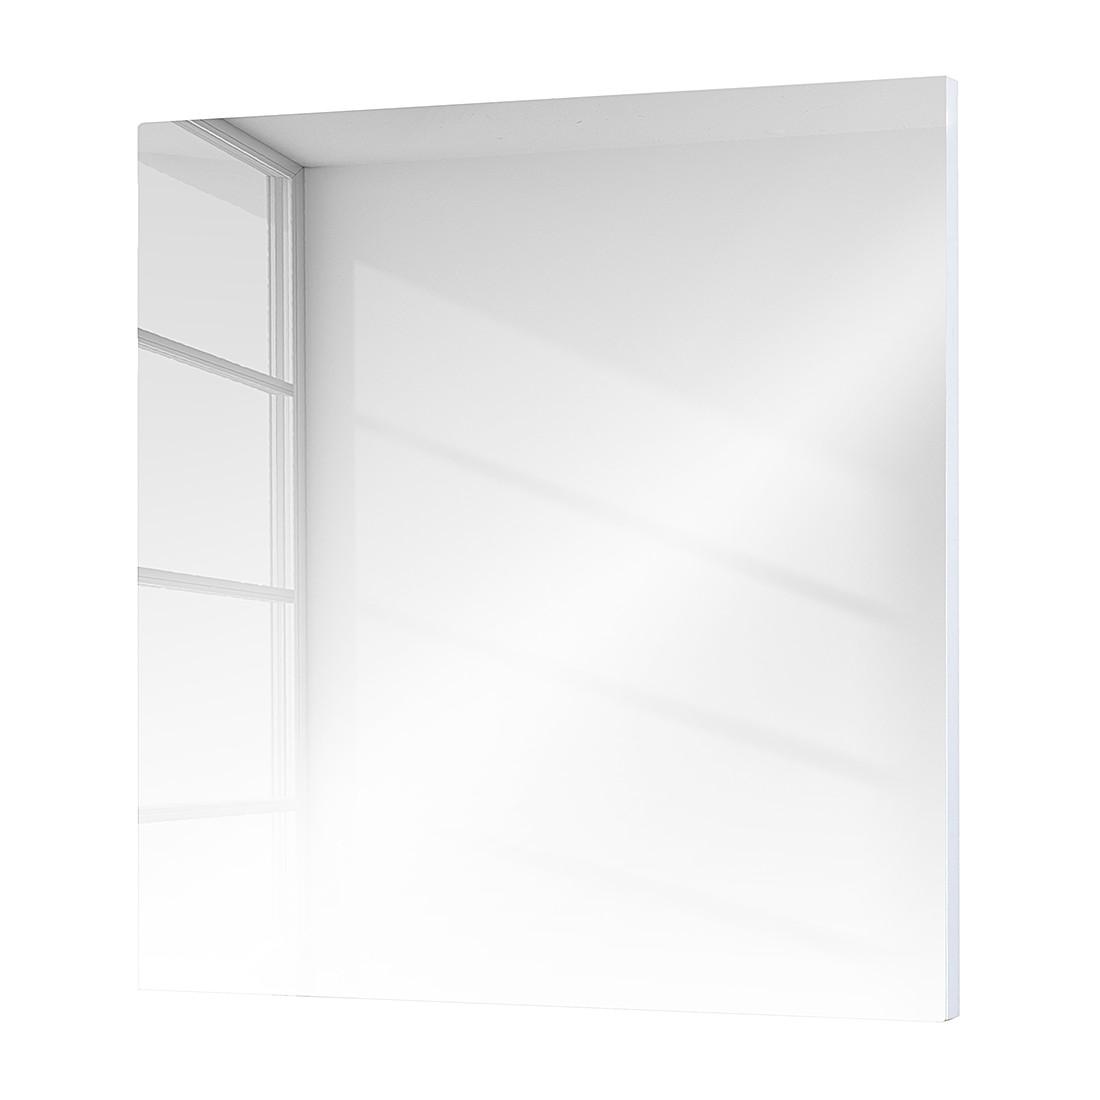 Wandspiegel Konstanz – Weiß, mooved günstig bestellen